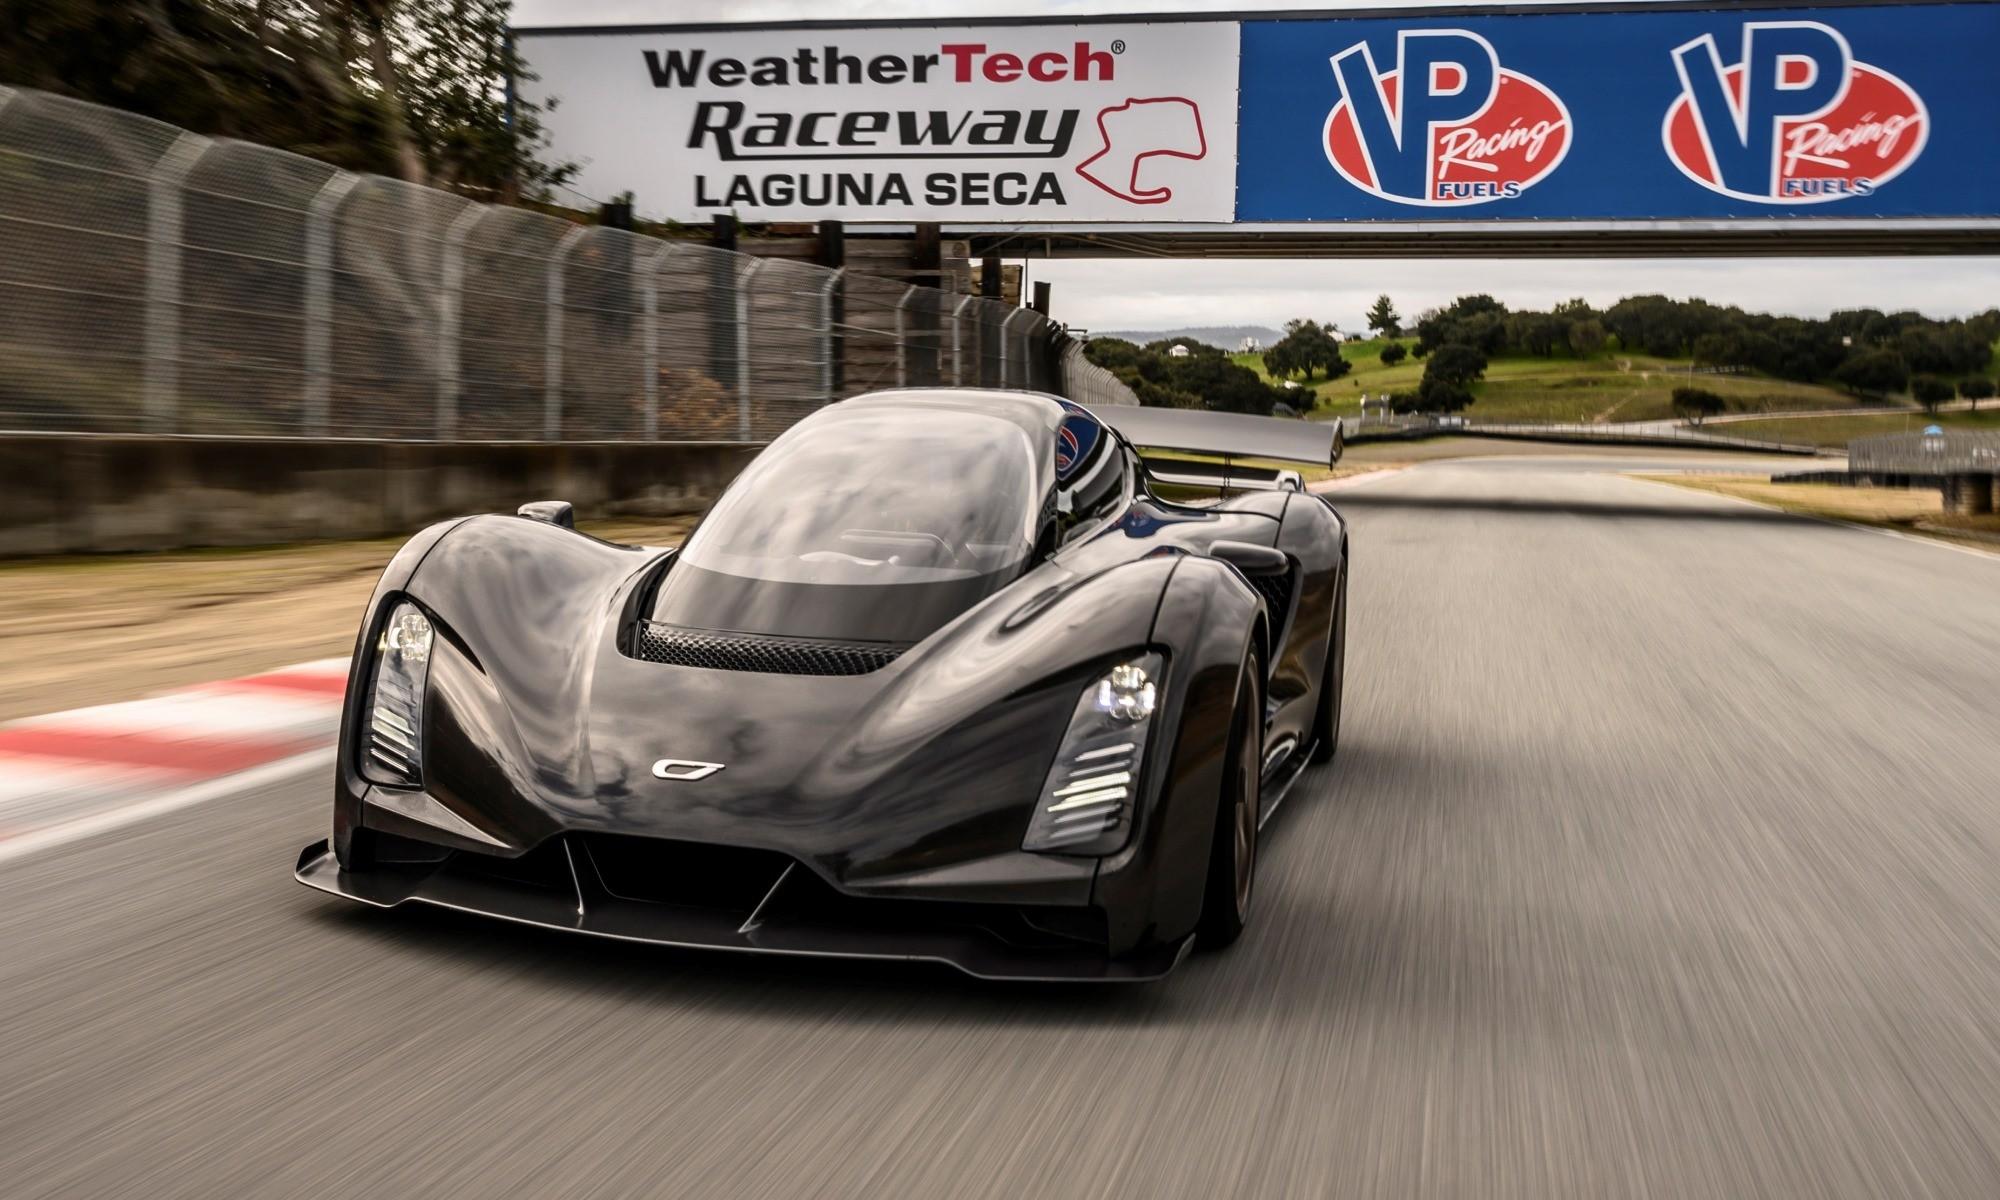 Czinger 21C Unveiled at Laguna Seca